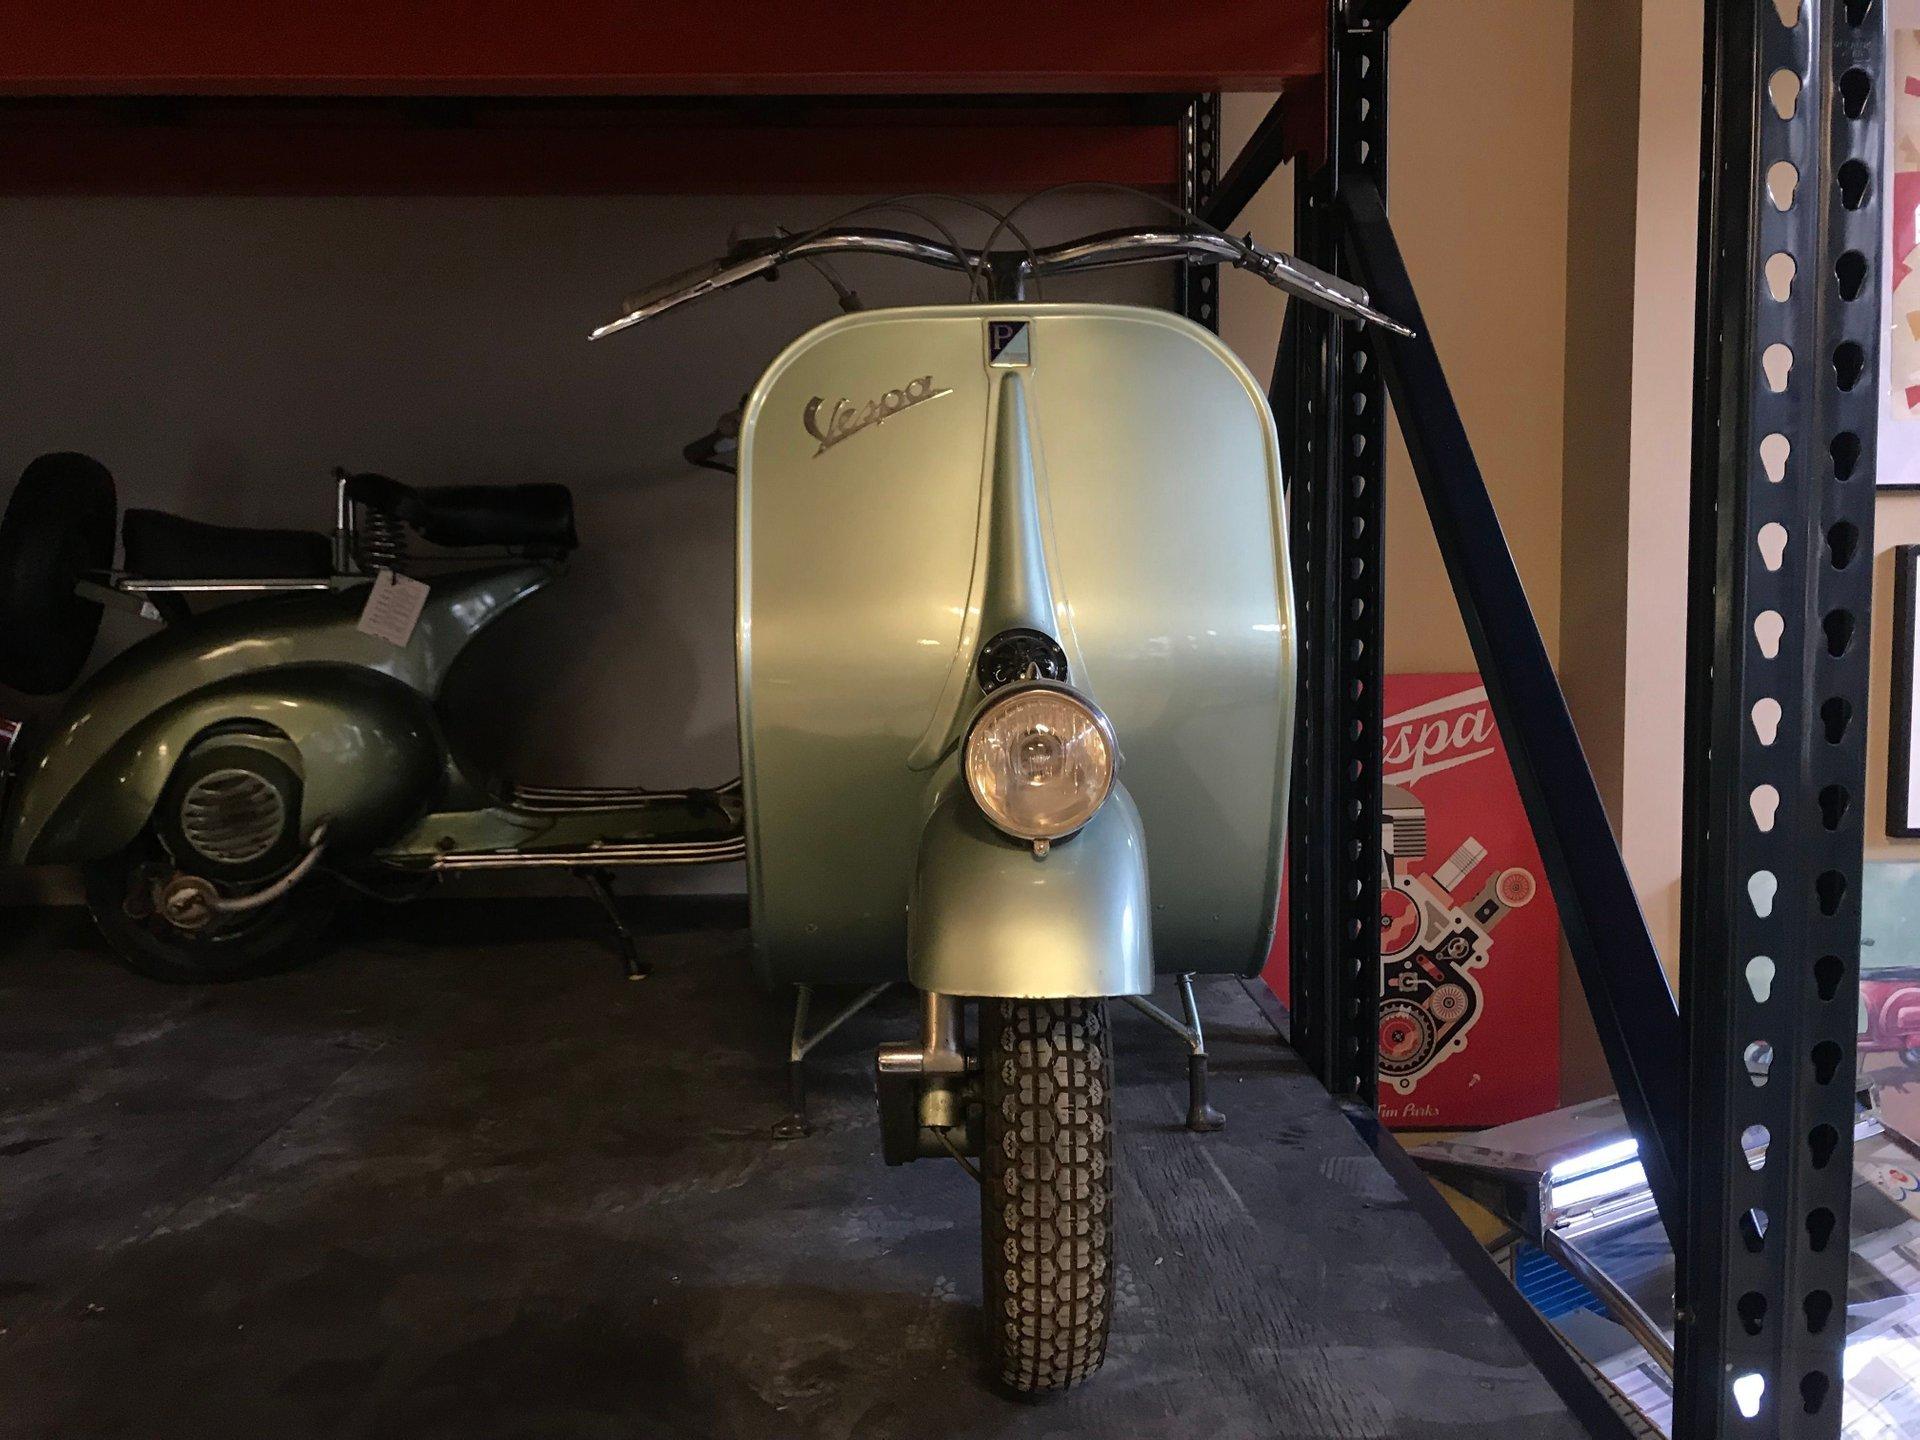 1950 vespa 125 v15